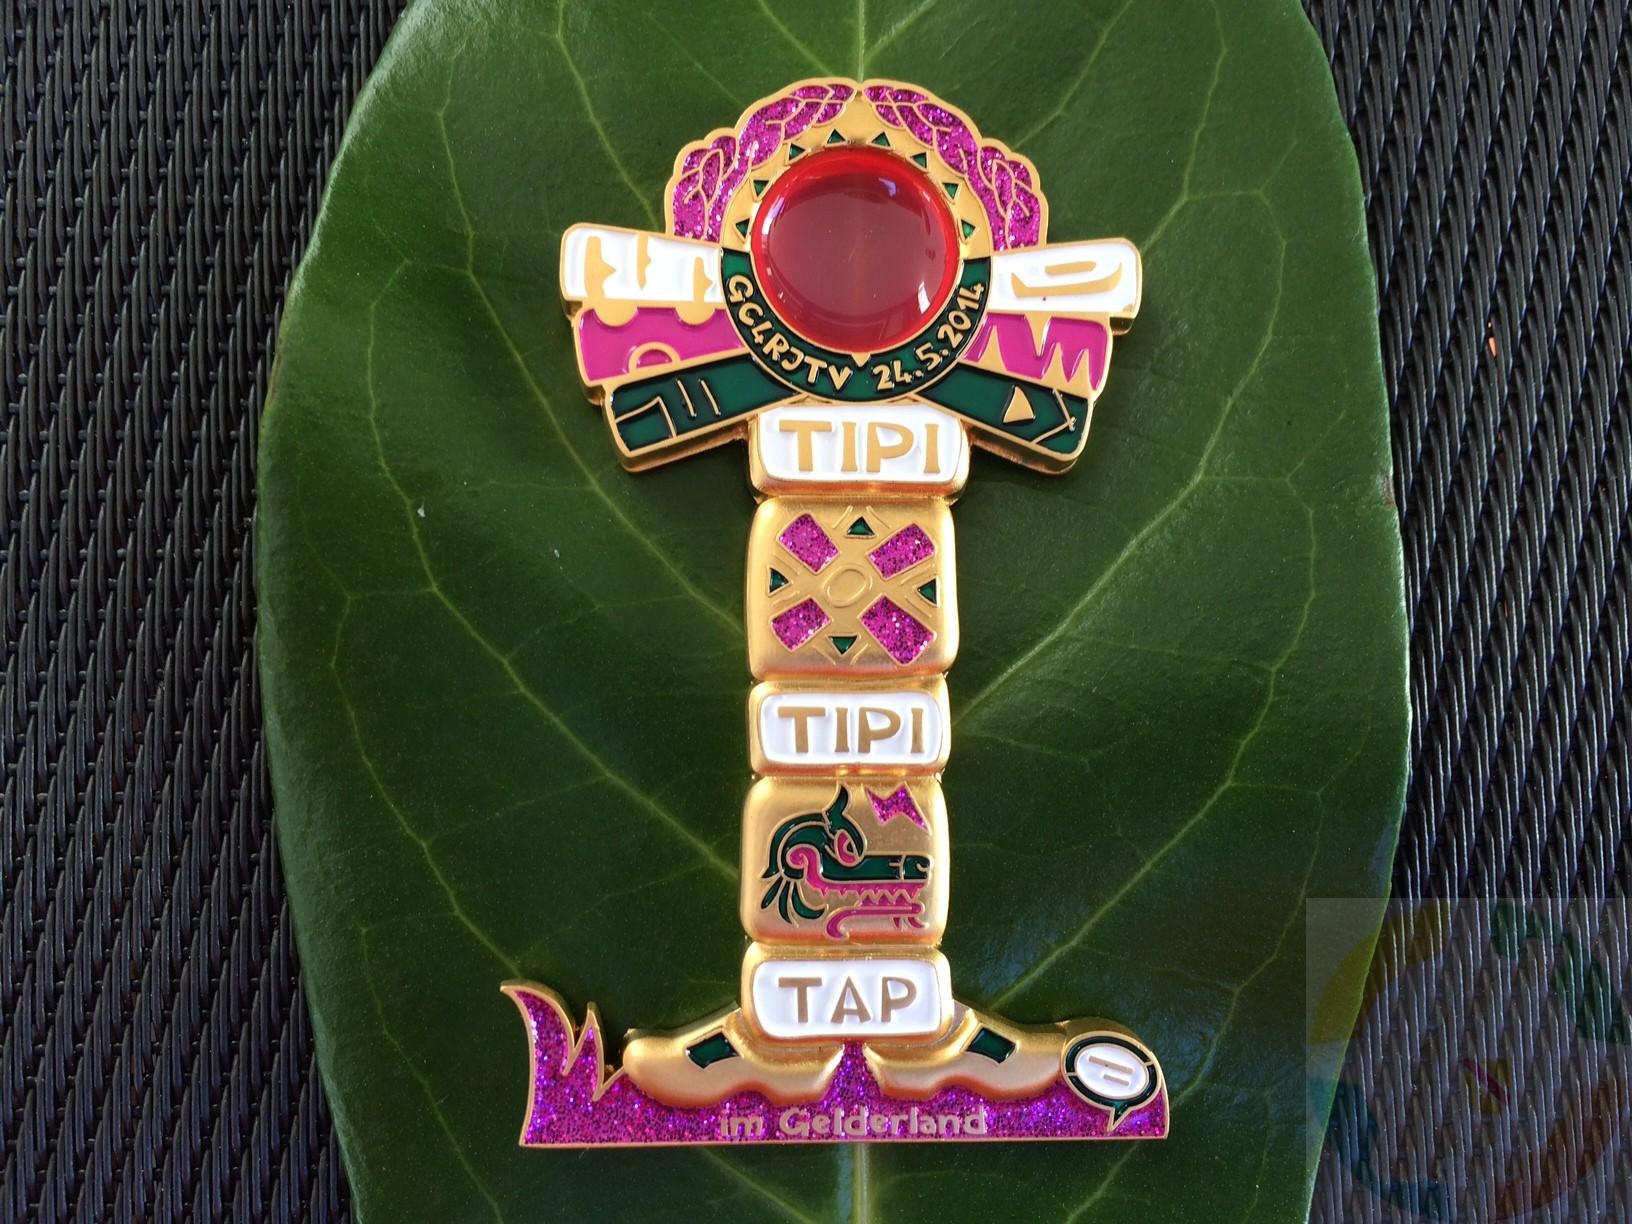 Tipit Tap Shop XLE 150